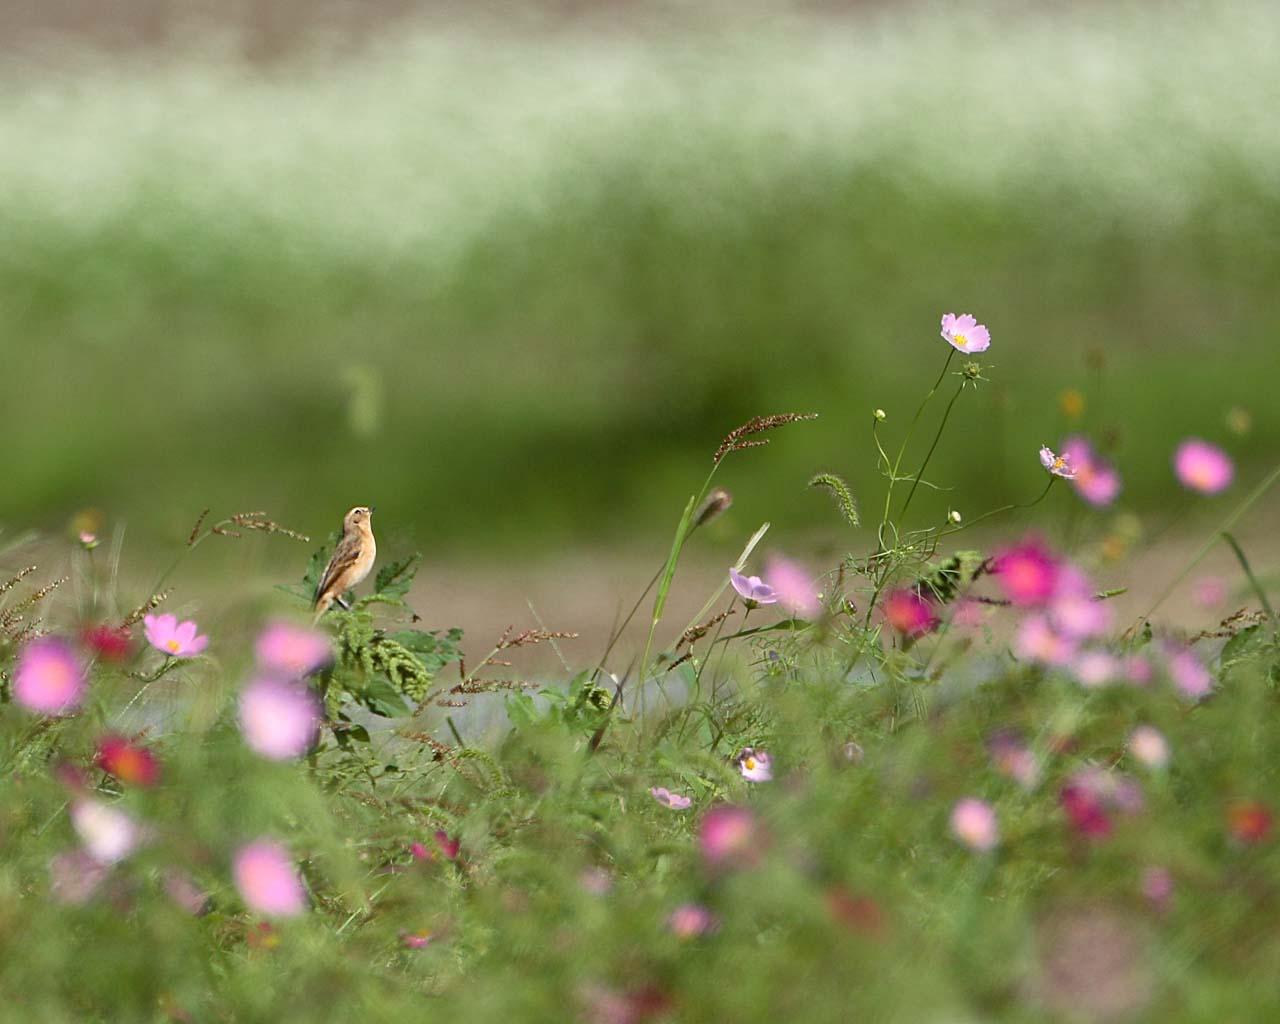 コスモスと蕎麦の花とノビタキ(野鳥と秋の花の綺麗な壁紙)_f0105570_1623174.jpg